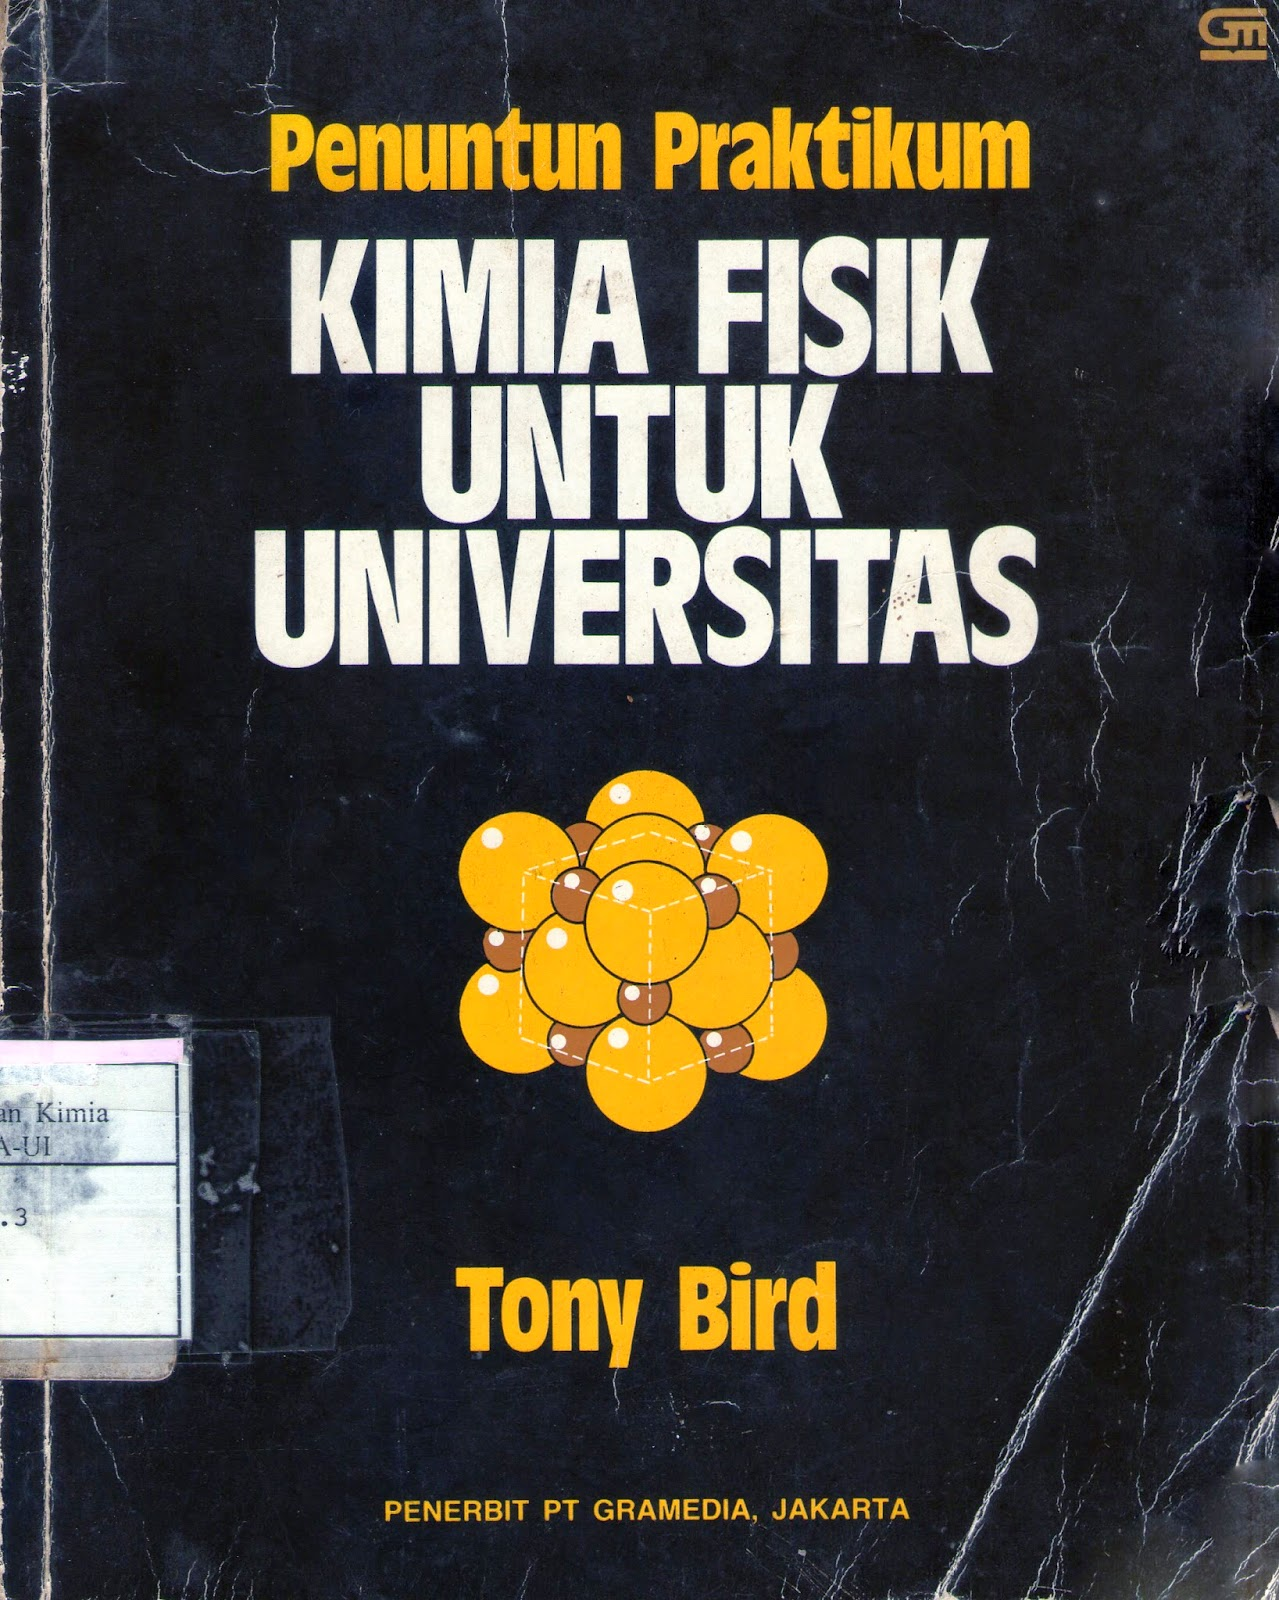 Ebook penuntun praktikum kimia fisik untuk universitas oleh oleh httpmediafire vieway9tqx38lxq93lepenuntunpraktikumkimiafisikuntukuniversitasoleholehtonybird pdf fandeluxe Images